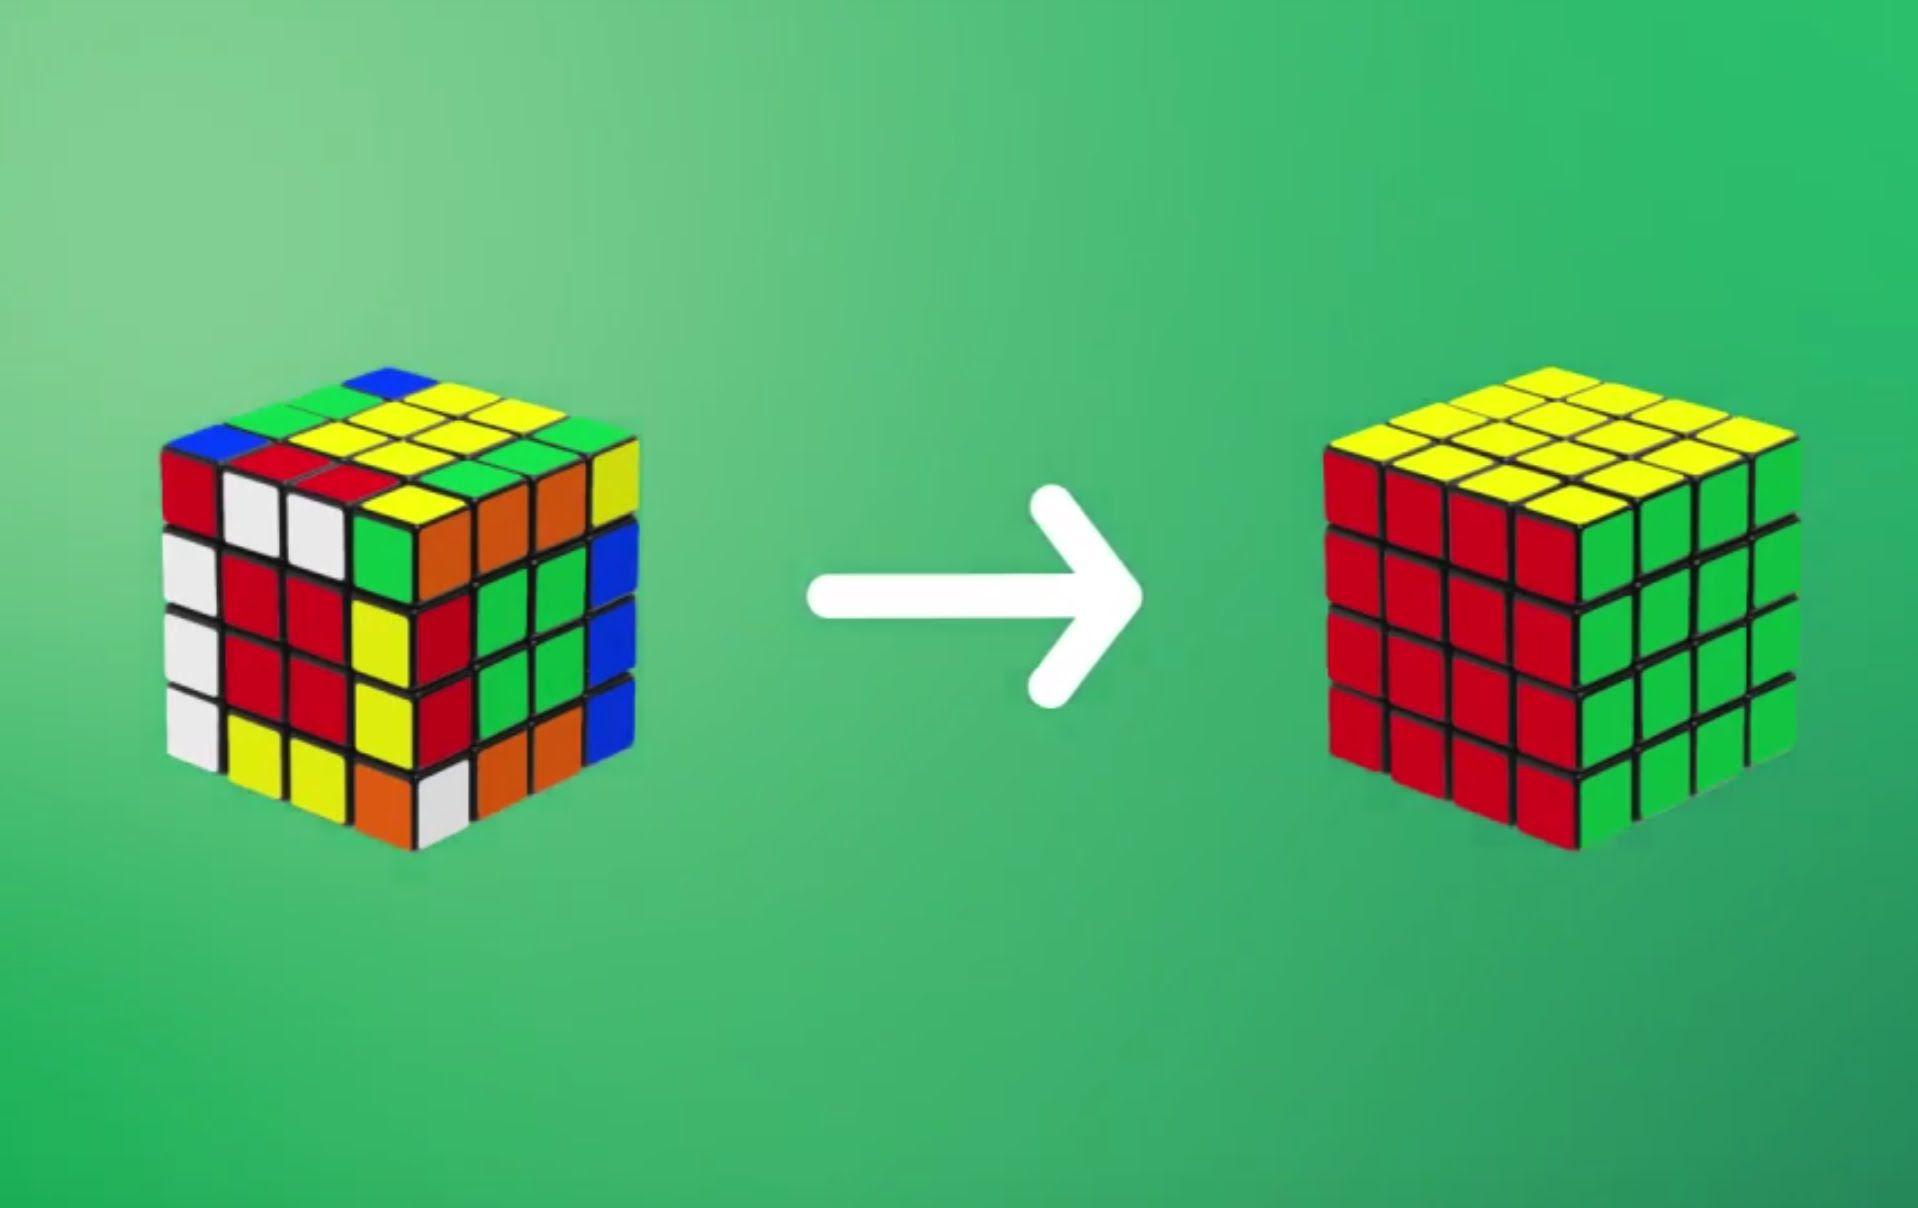 схема собирания второго слоя кубика-рубика